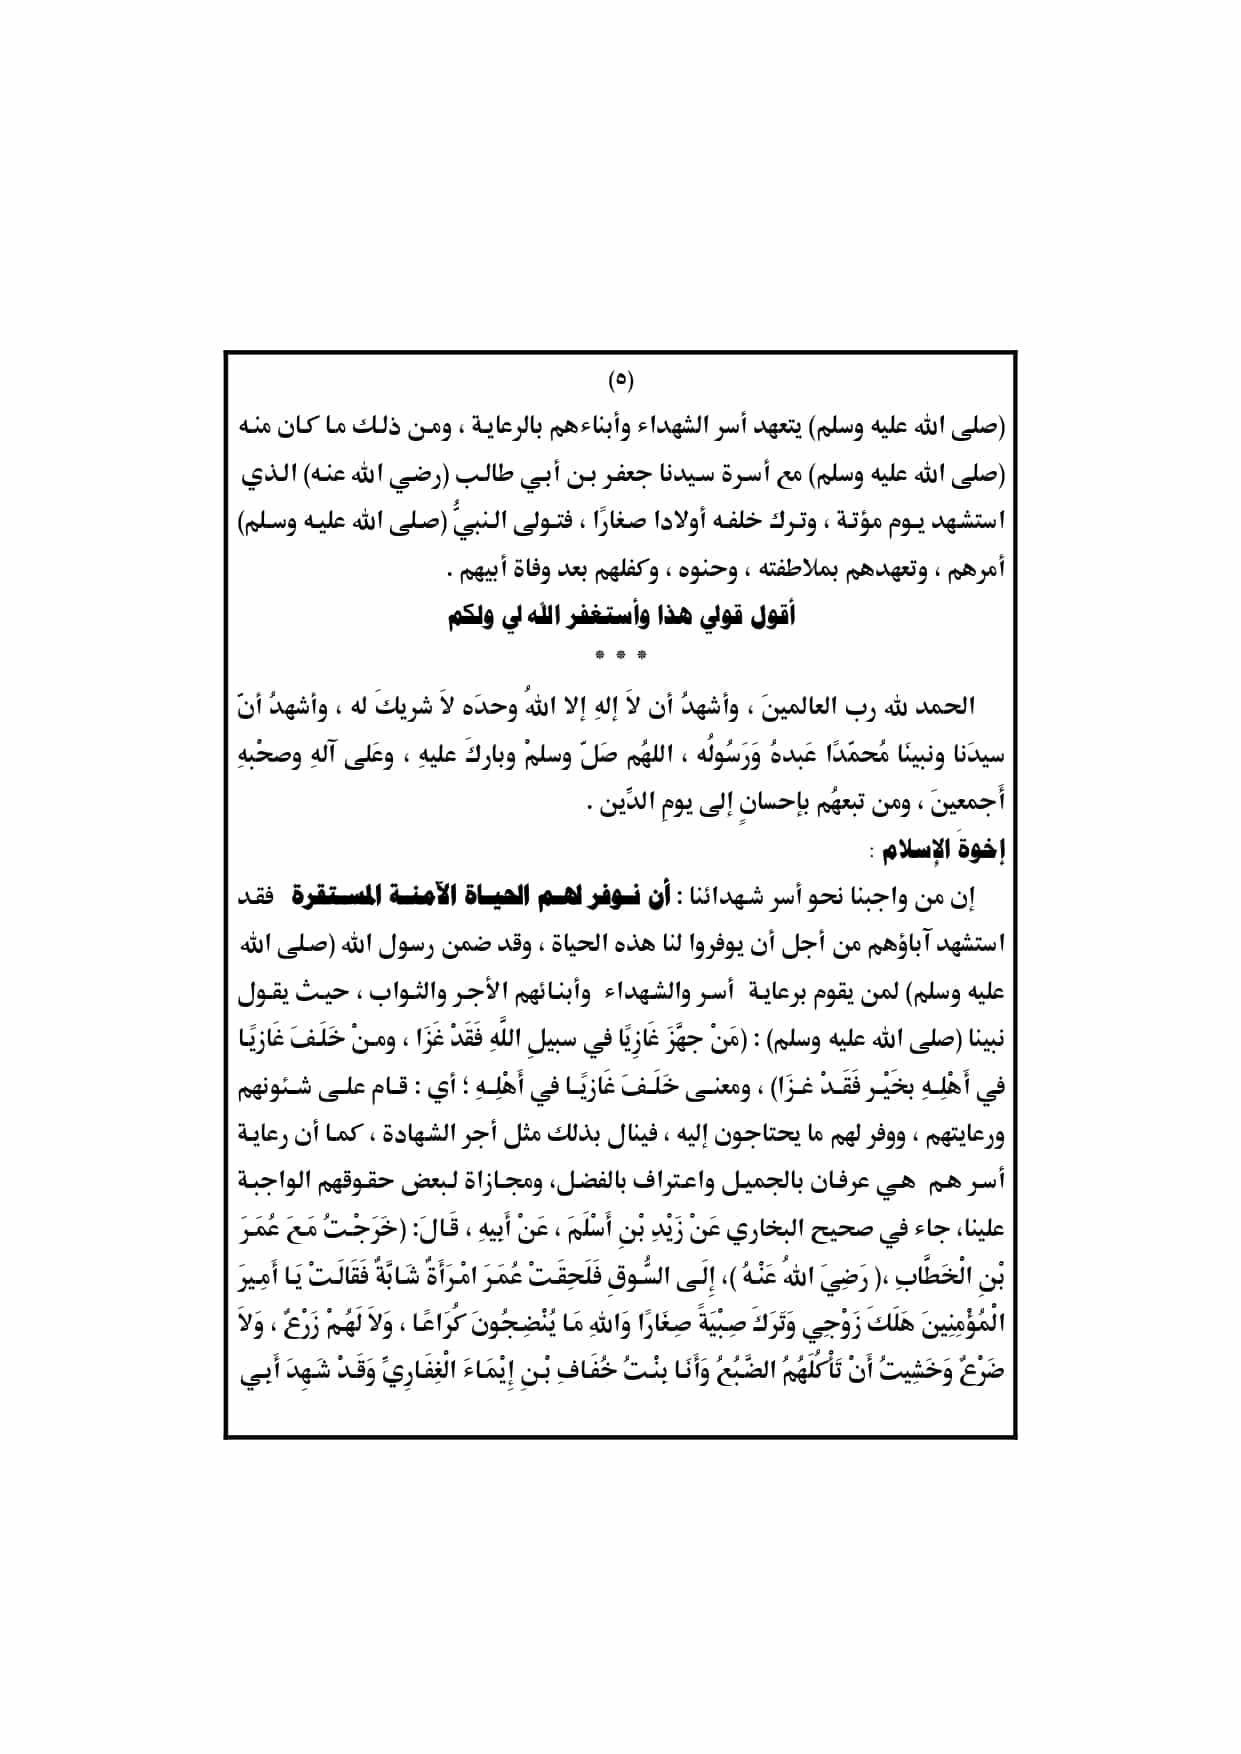 الخطبة الثانية : خطبة الجمعة القادمة pdf : فضل الشهادة ، وواجبنا نحو أسر الشهداء، 24 يناير 2020